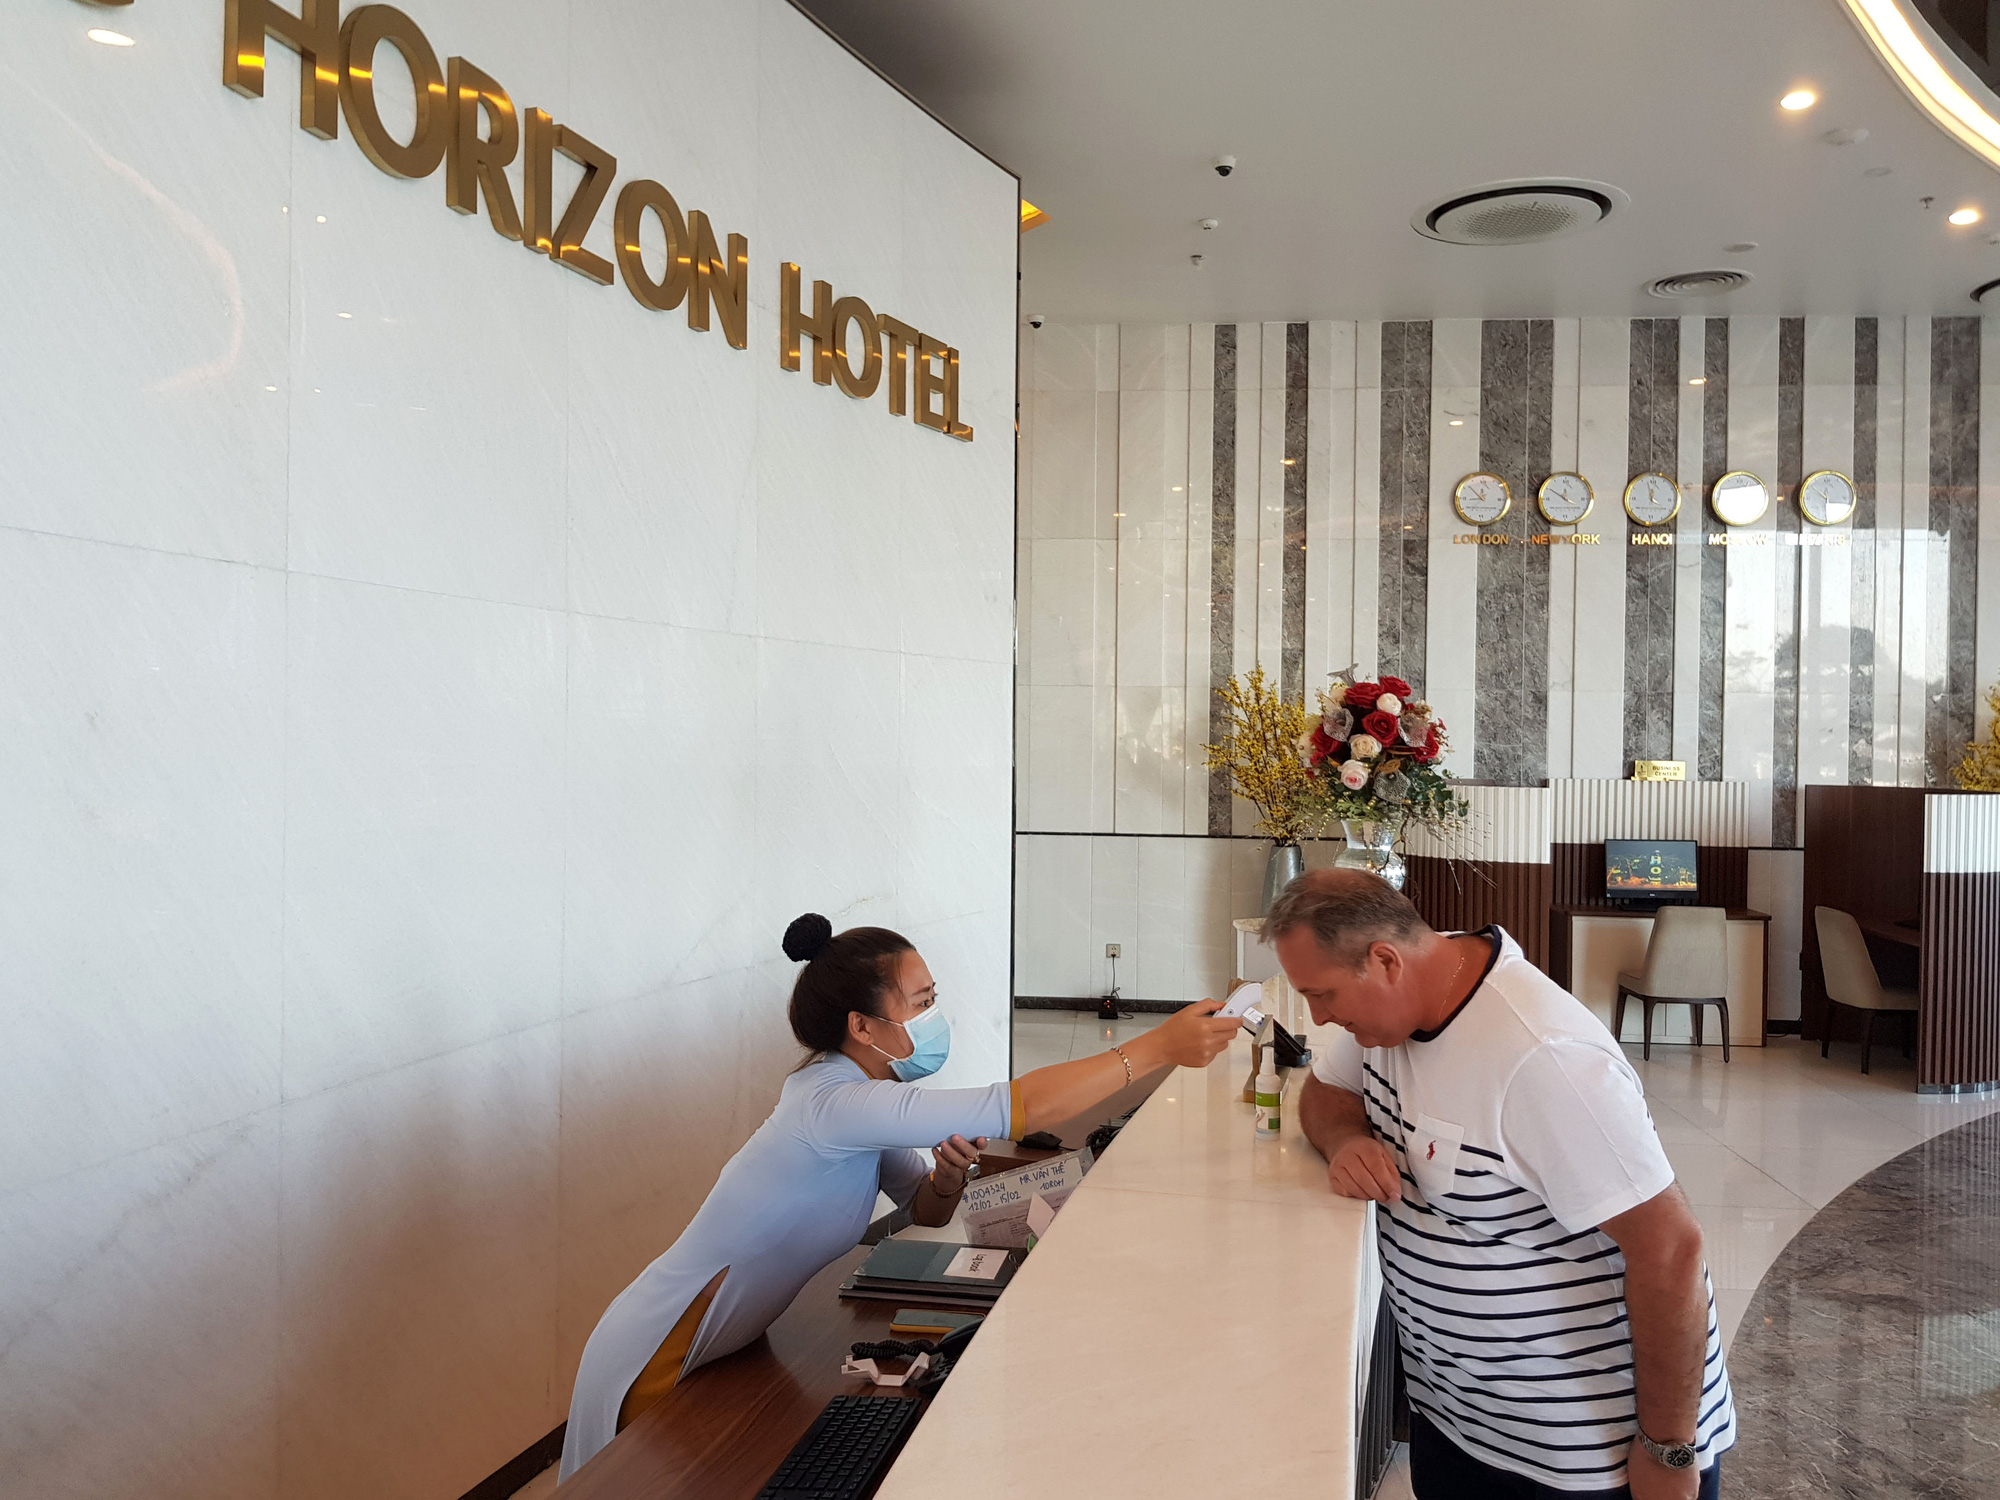 Vừa vận hành ổn định, khách sạn 5 sao tại Nha Trang lỗ hơn 5 tỉ đồng/tháng vì Covid-19  - Ảnh 3.